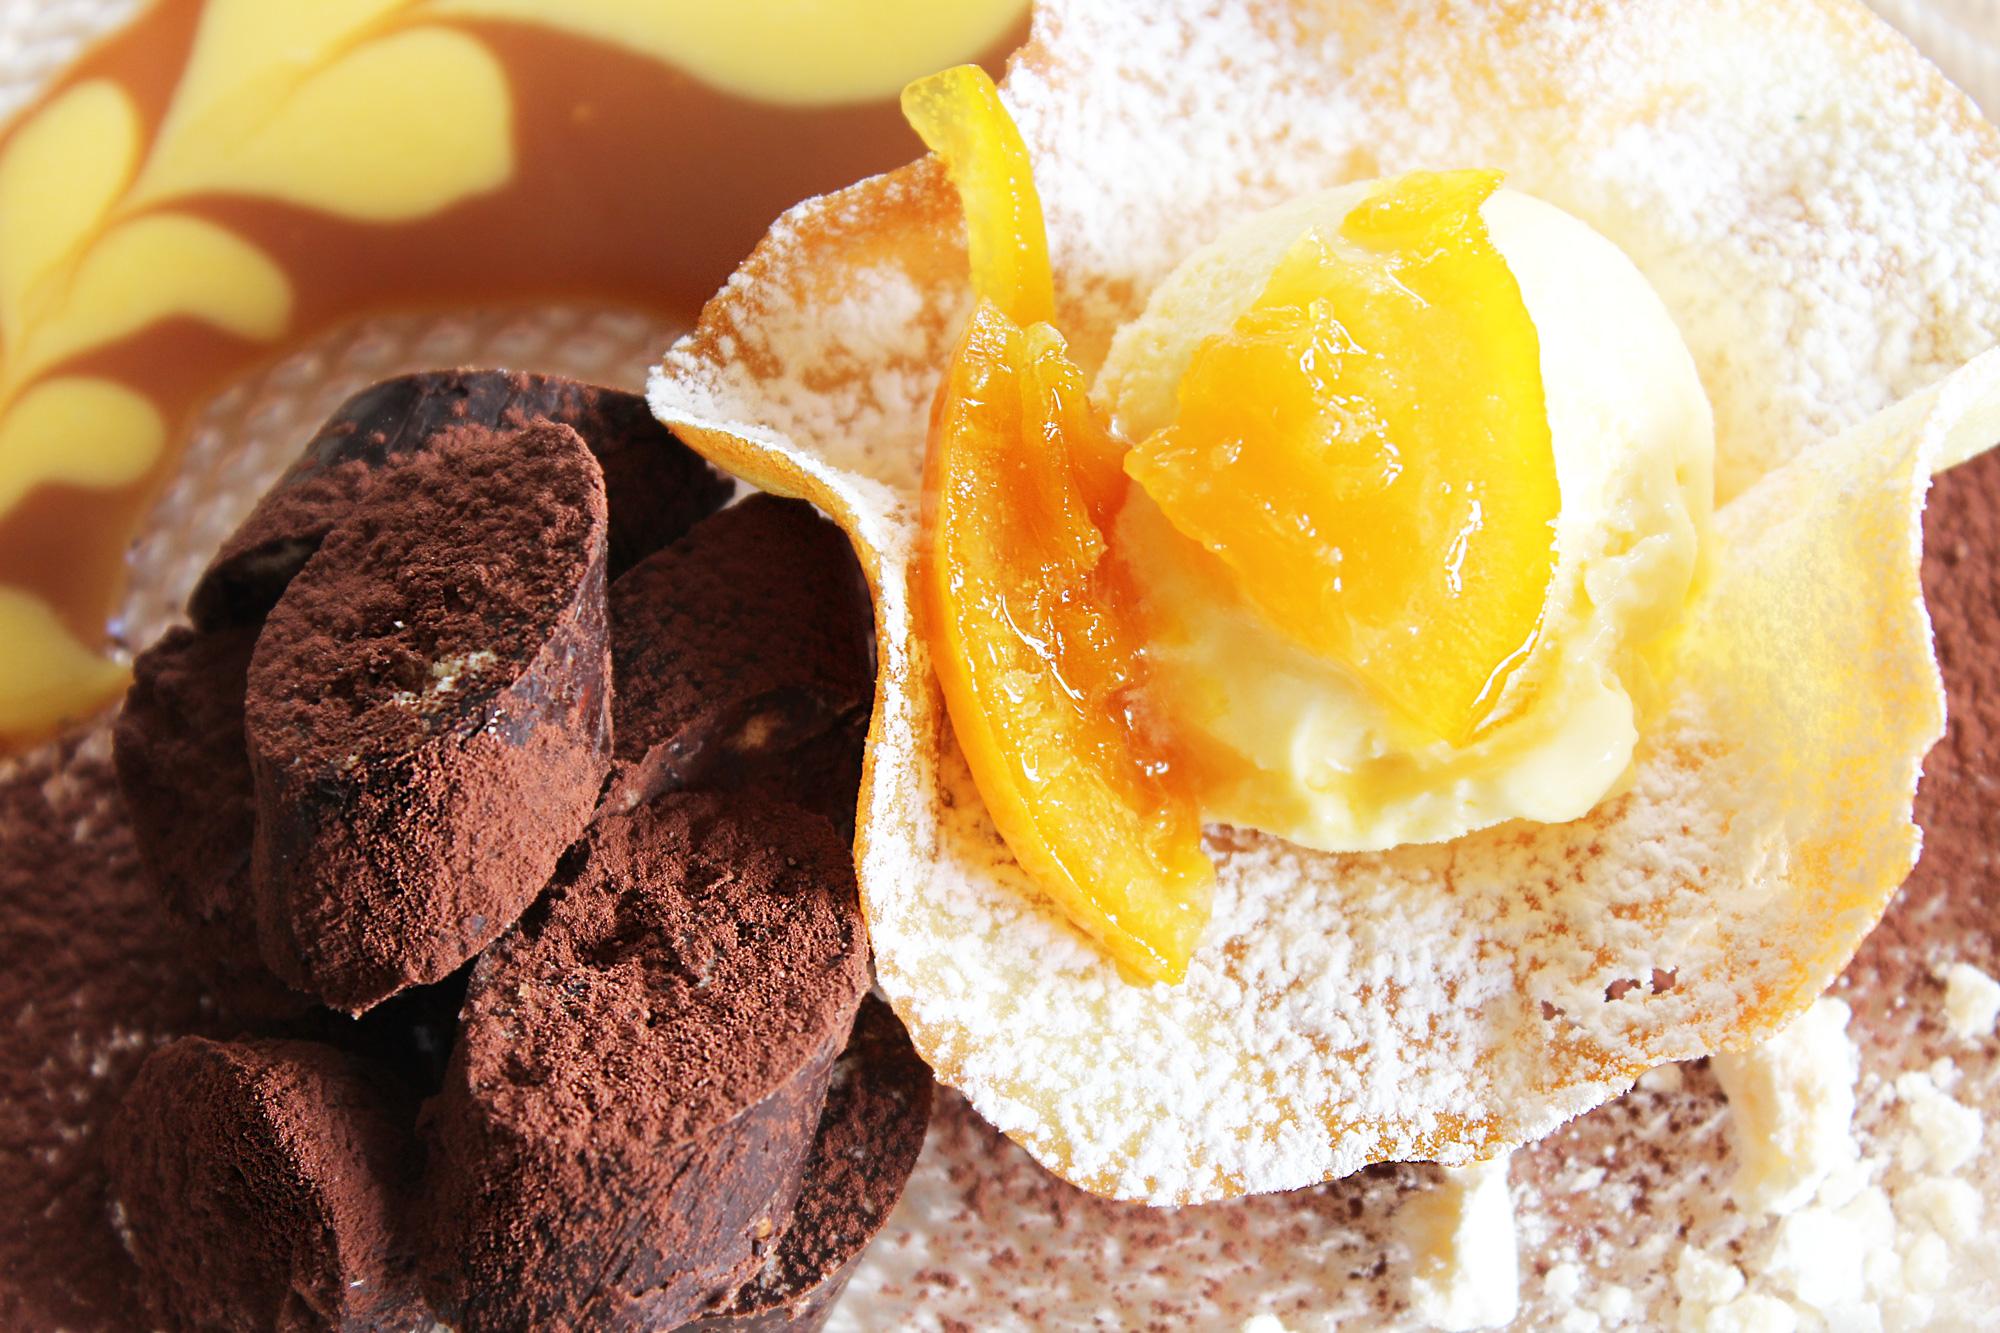 dessert cioccolato mou ristorante Le Grotte Genga